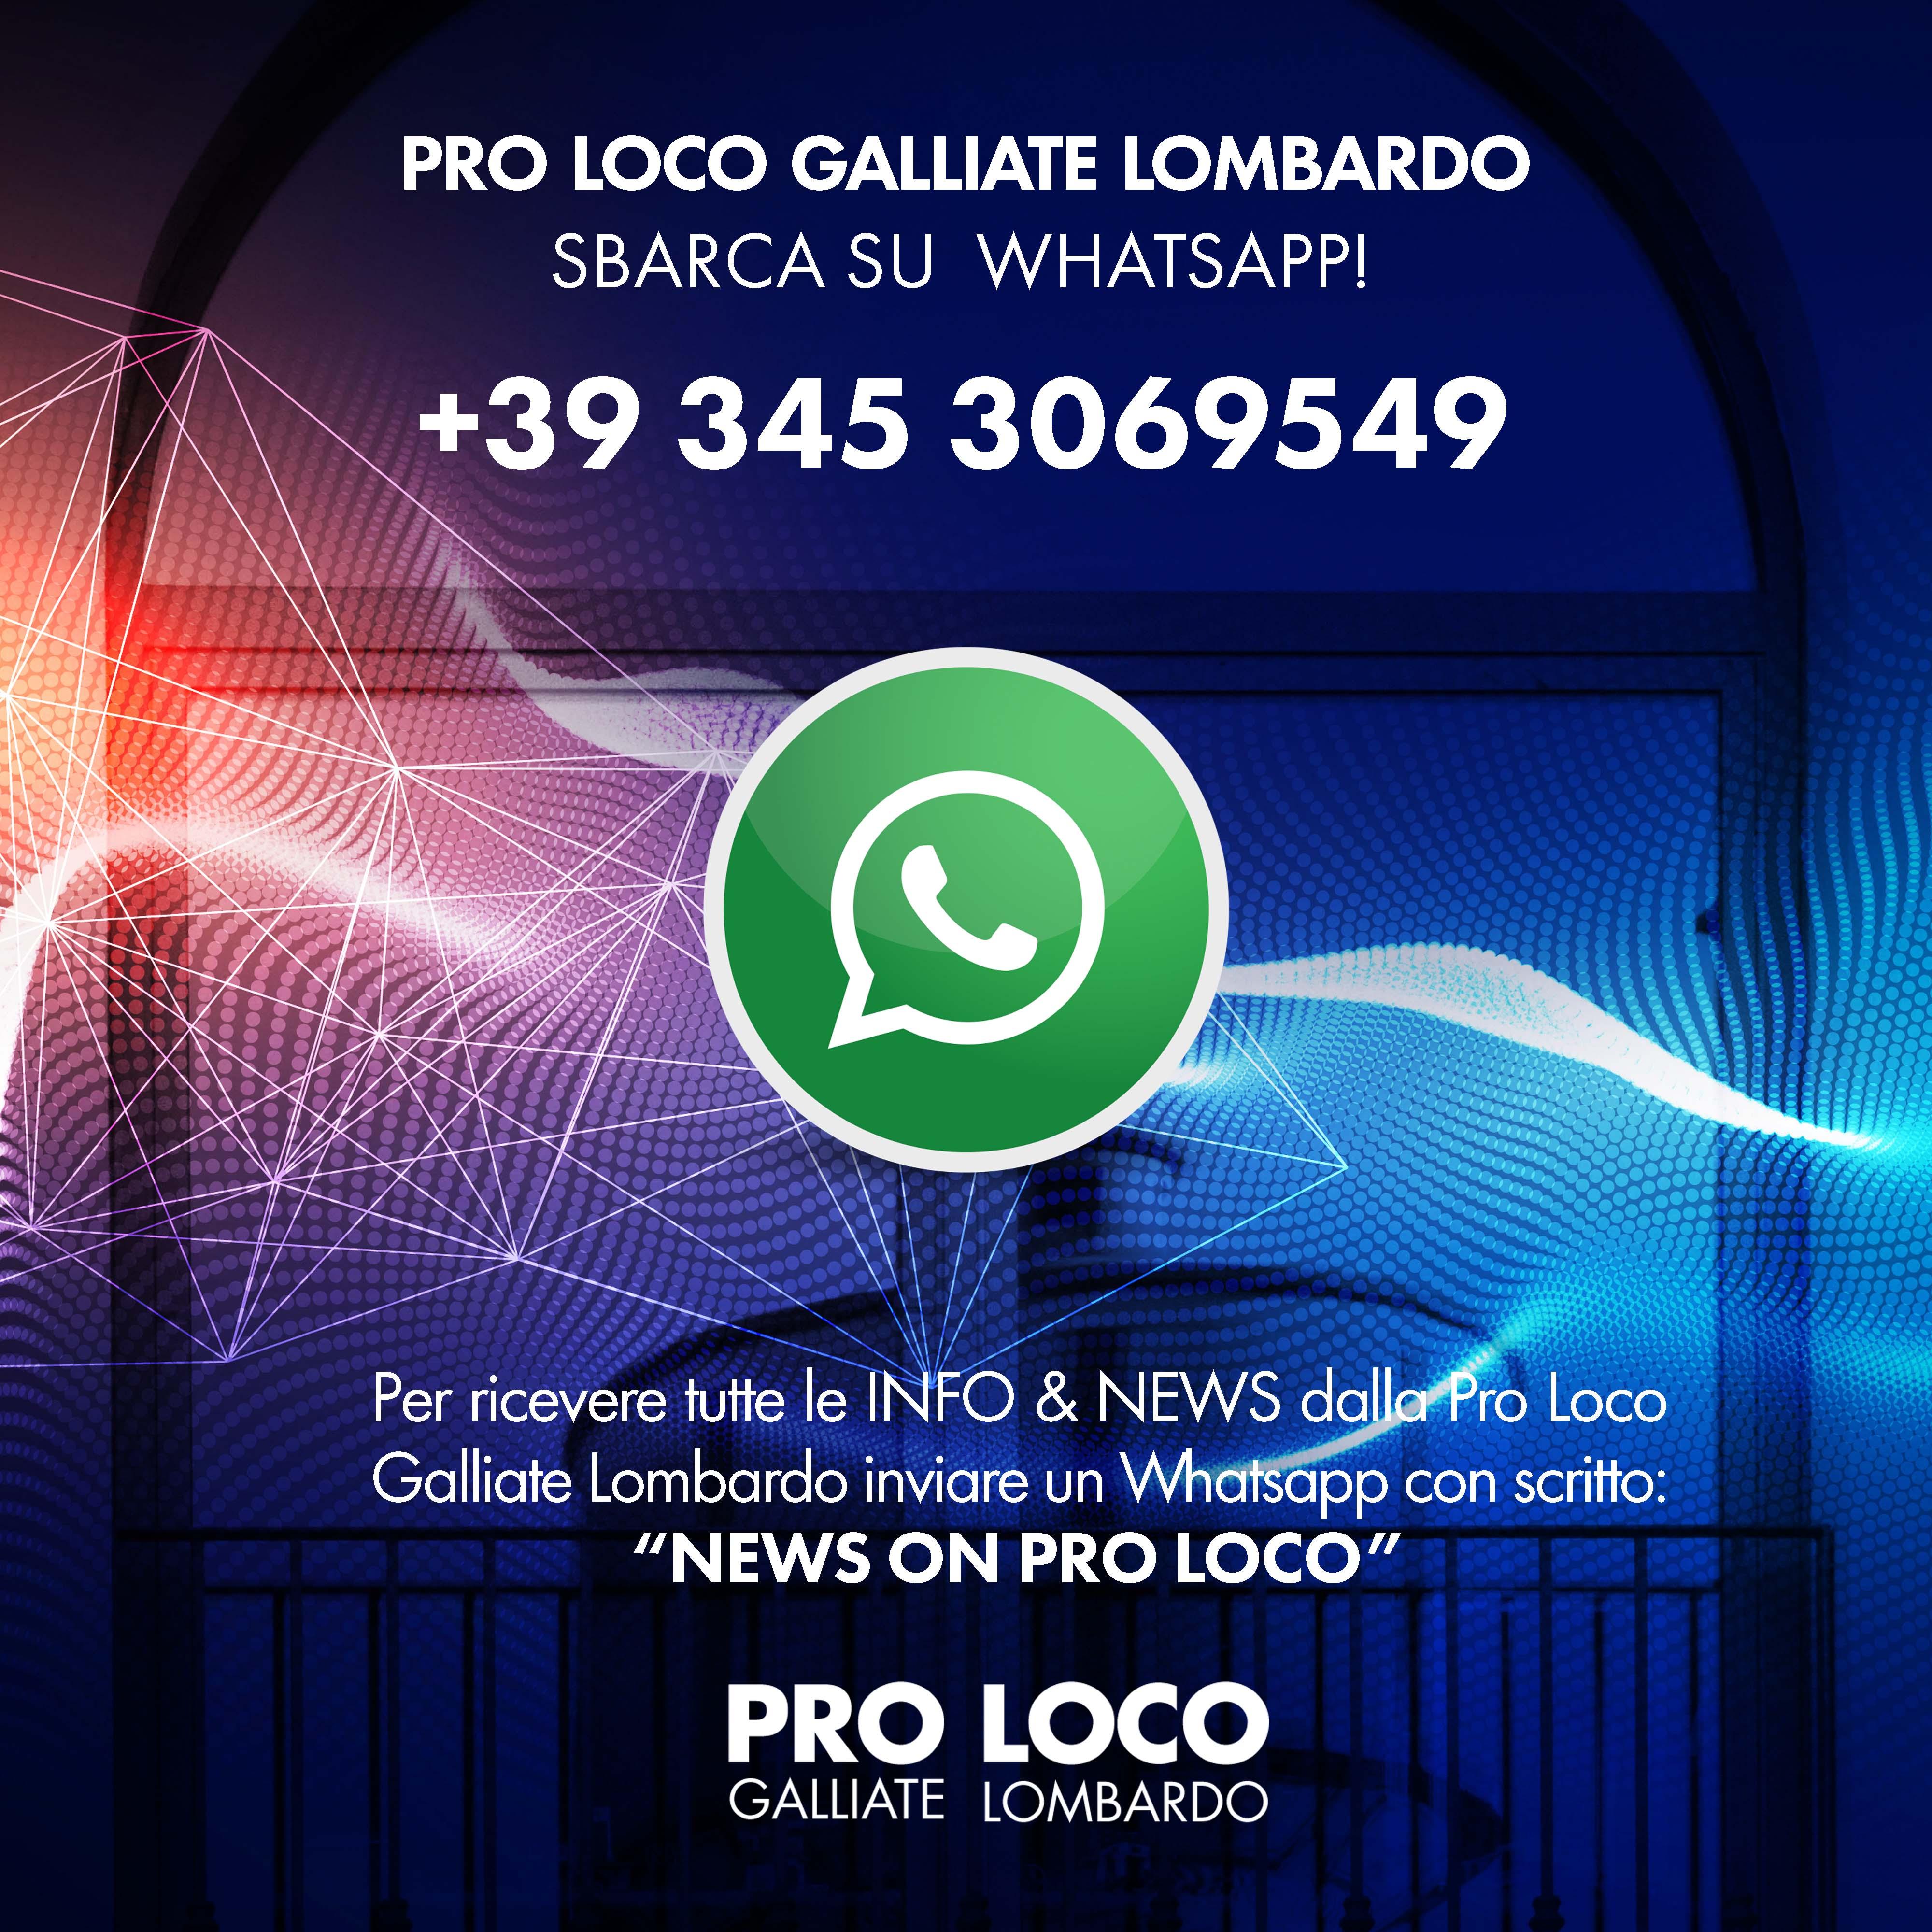 Calendario Condiviso Su Whatsapp.Servizio Whatsapp Proloco Galliate Lombardo